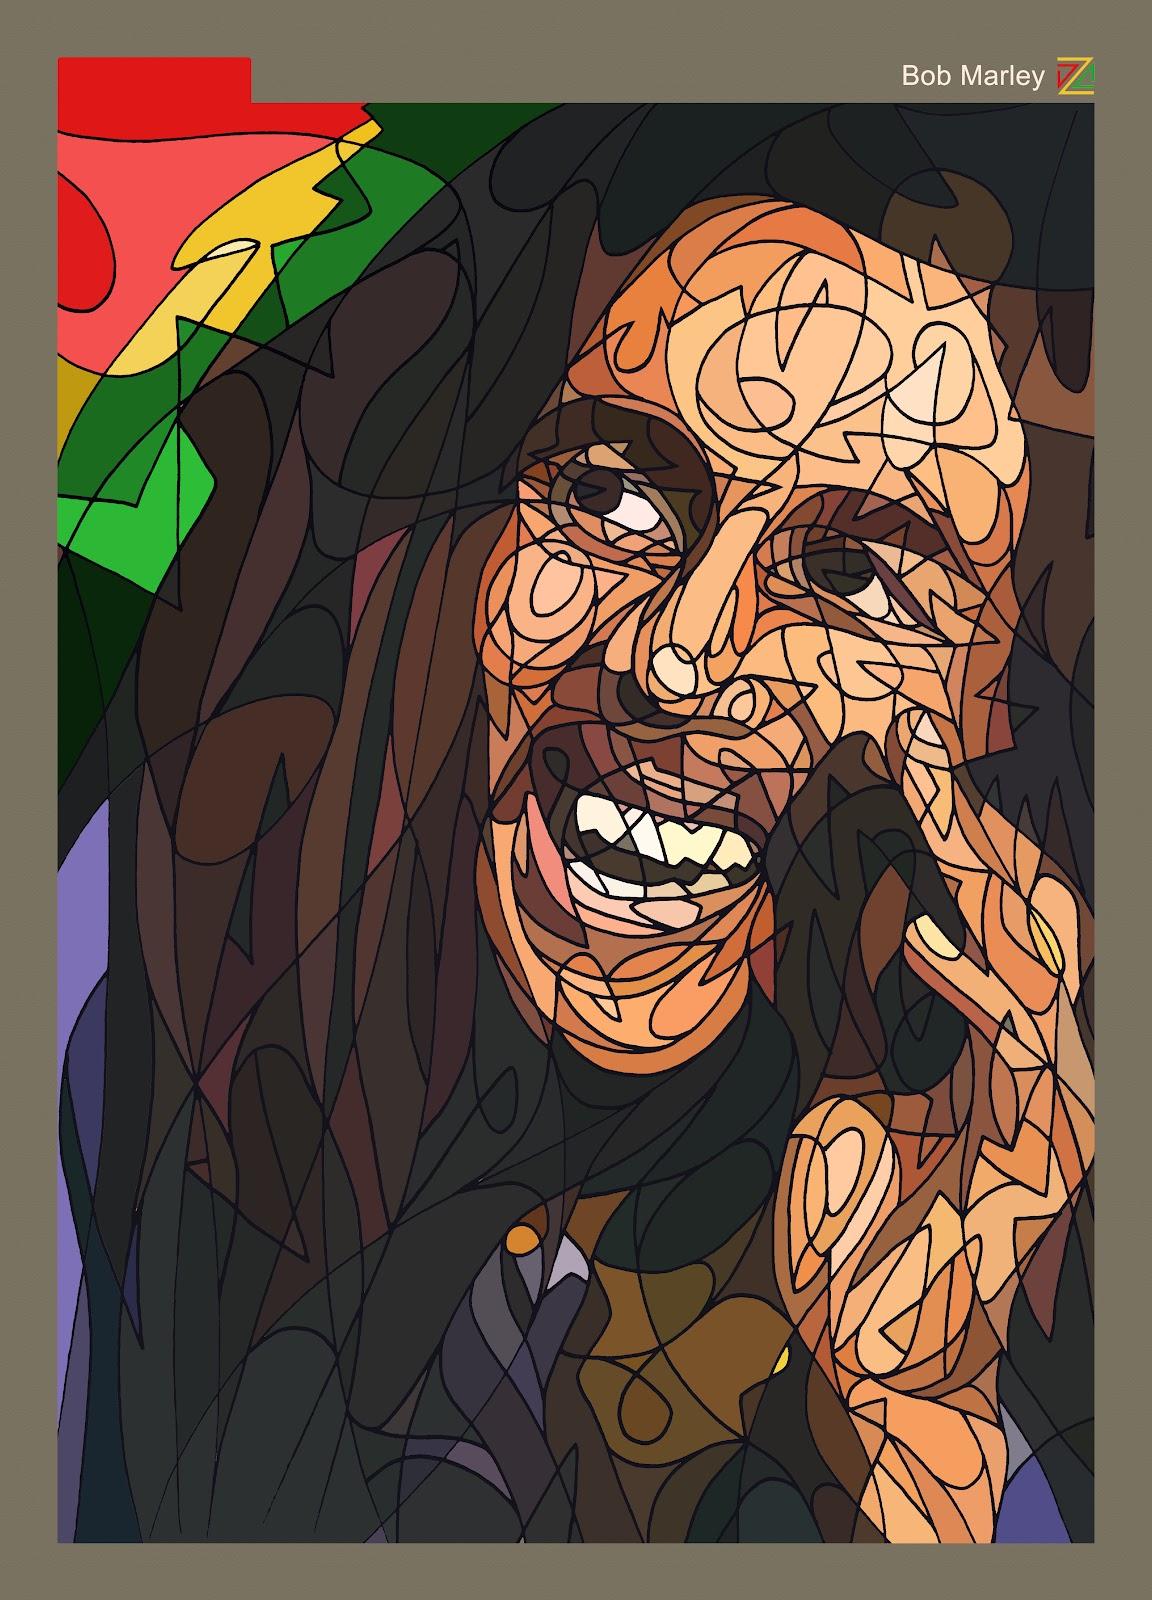 *撩亂草寫勾勒出熟悉KAWS的Pinocchio面孔:Dozow Chen 11